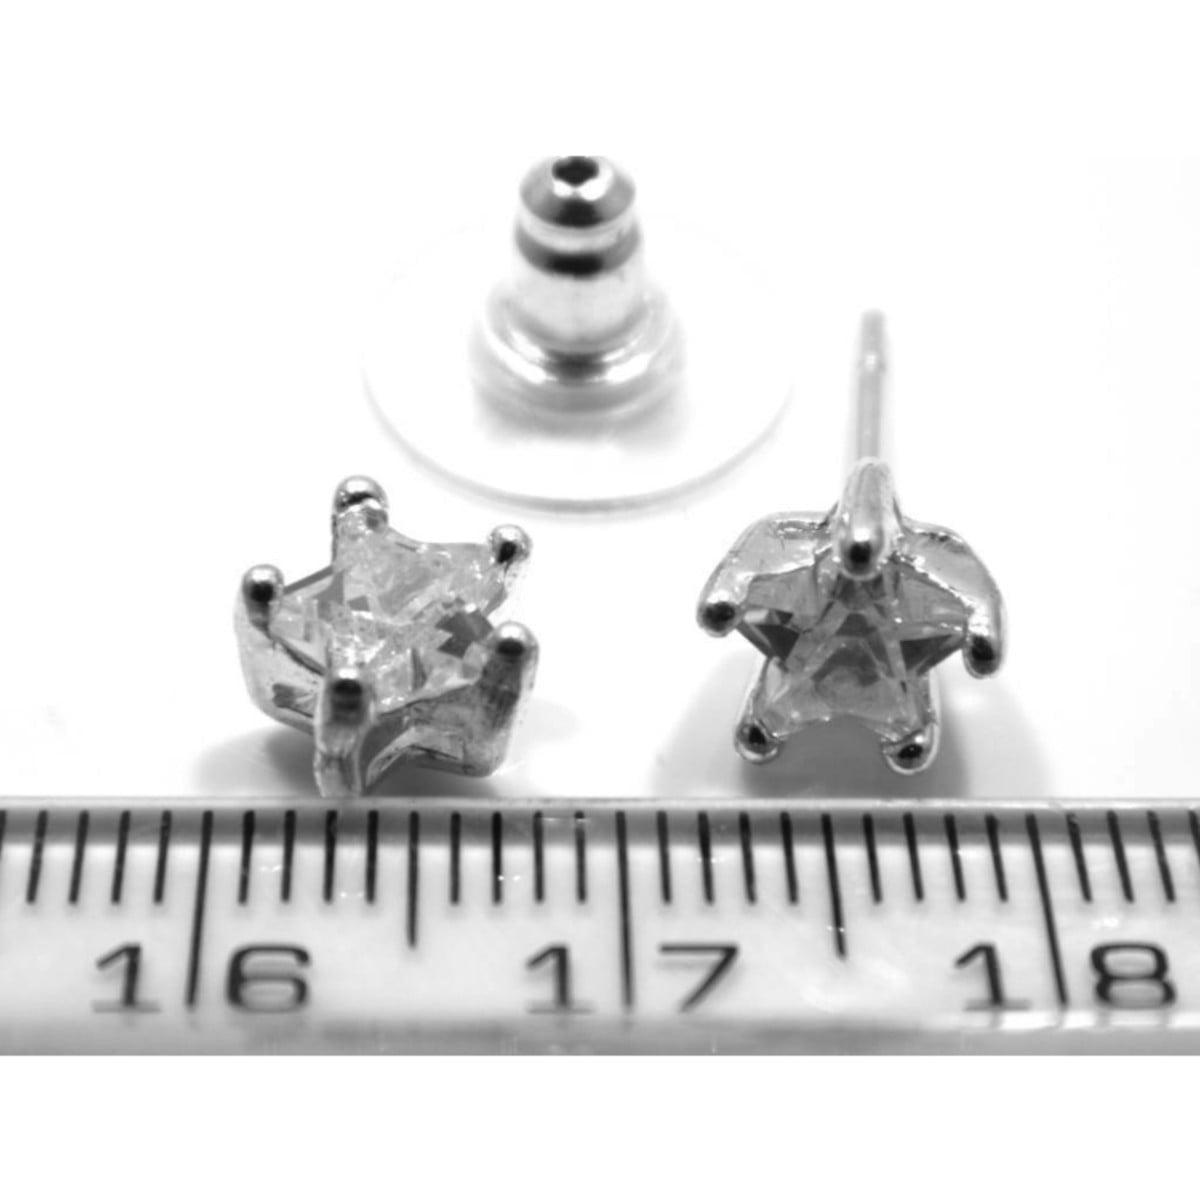 Crystal star stud earrings in silver plate ruler